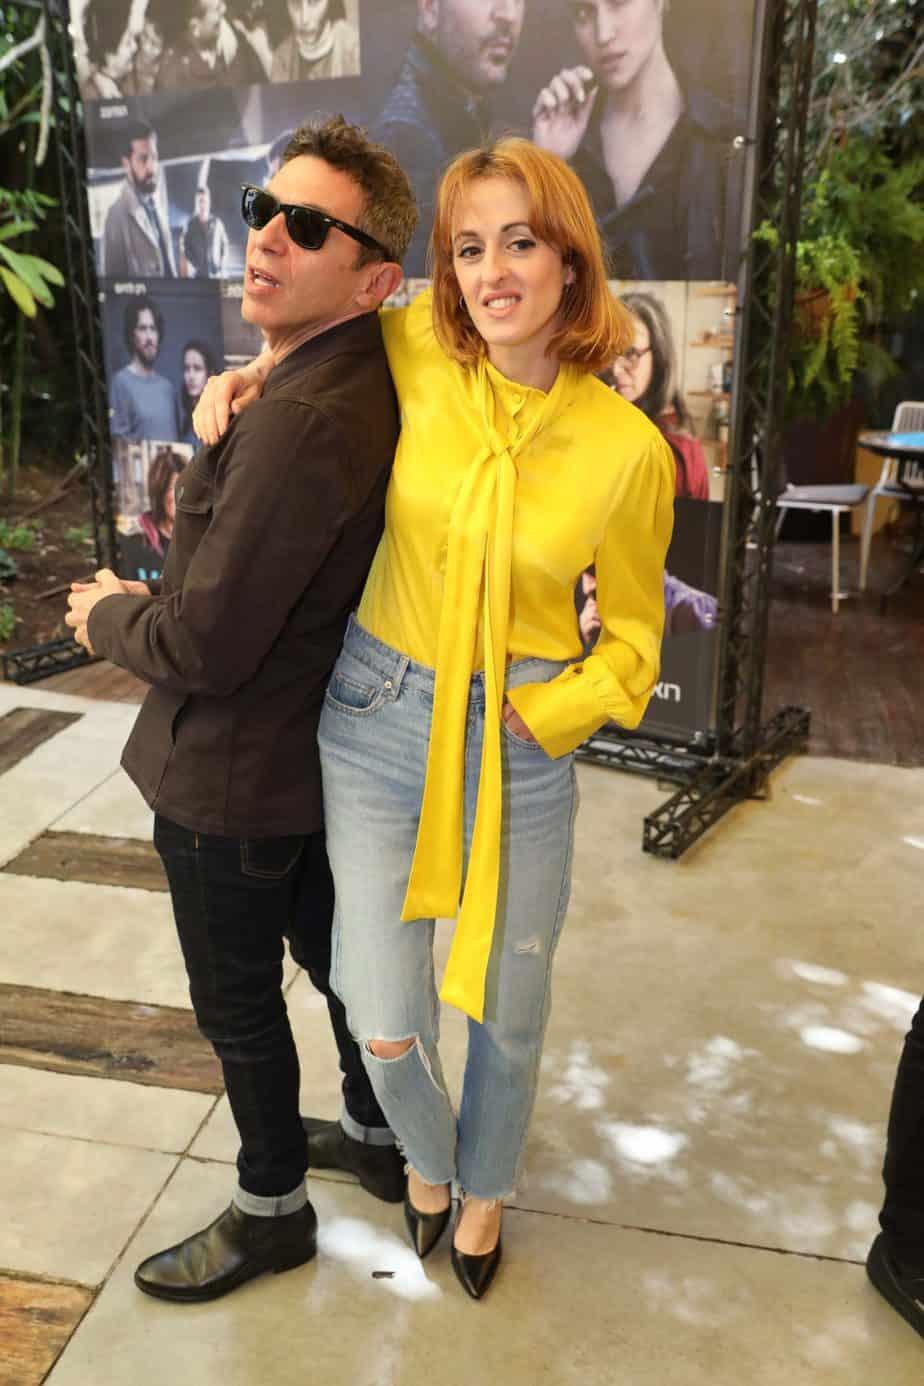 יובל ודנה סמו: מי אמר סטייל ולא קיבל? שאפו לשניכם, היא בג'ינס מאם וחולצה צהובה זוהרת והוא בחליפה קז'אולית עם קיפול ברגל, חברים : לגזור, להעתיק ולהדביק. צילום: רפי דלויה